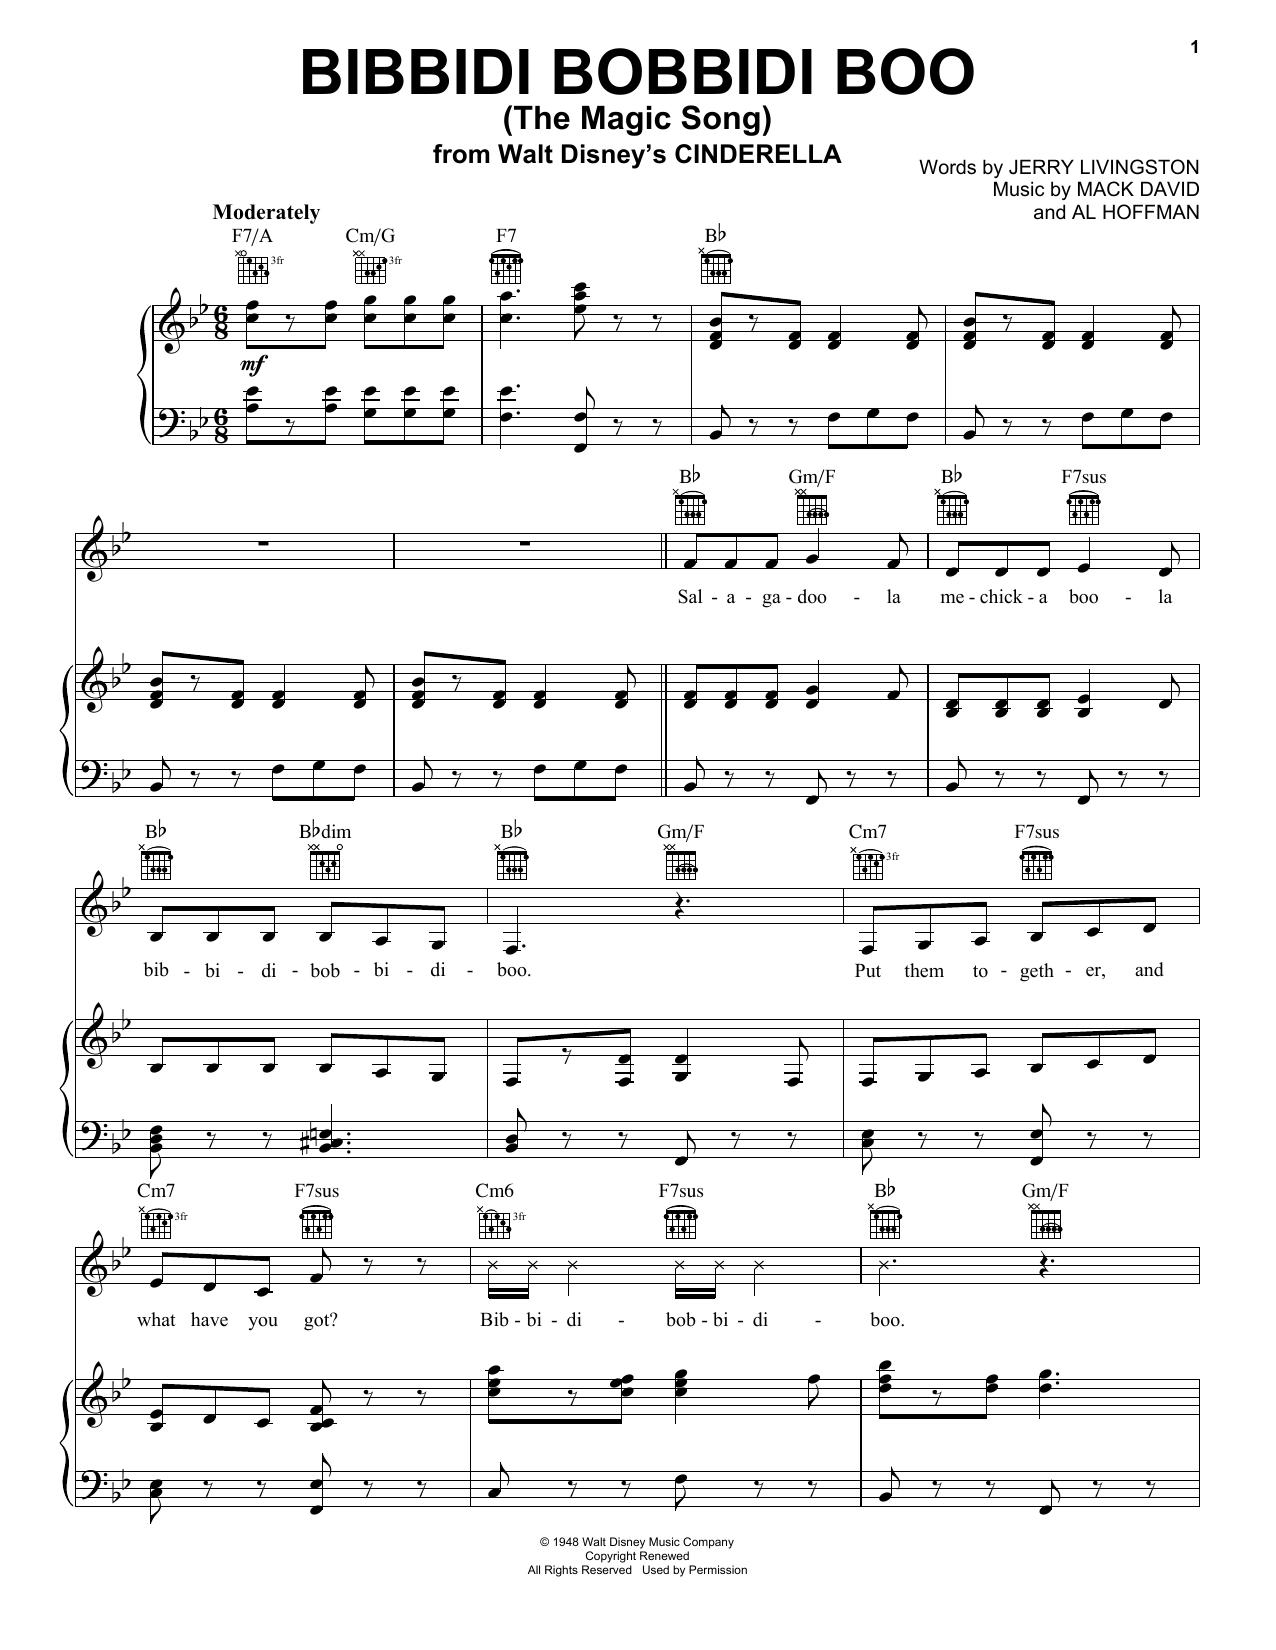 Mack David Bibbidi-Bobbidi-Boo (The Magic Song) sheet music notes and chords. Download Printable PDF.